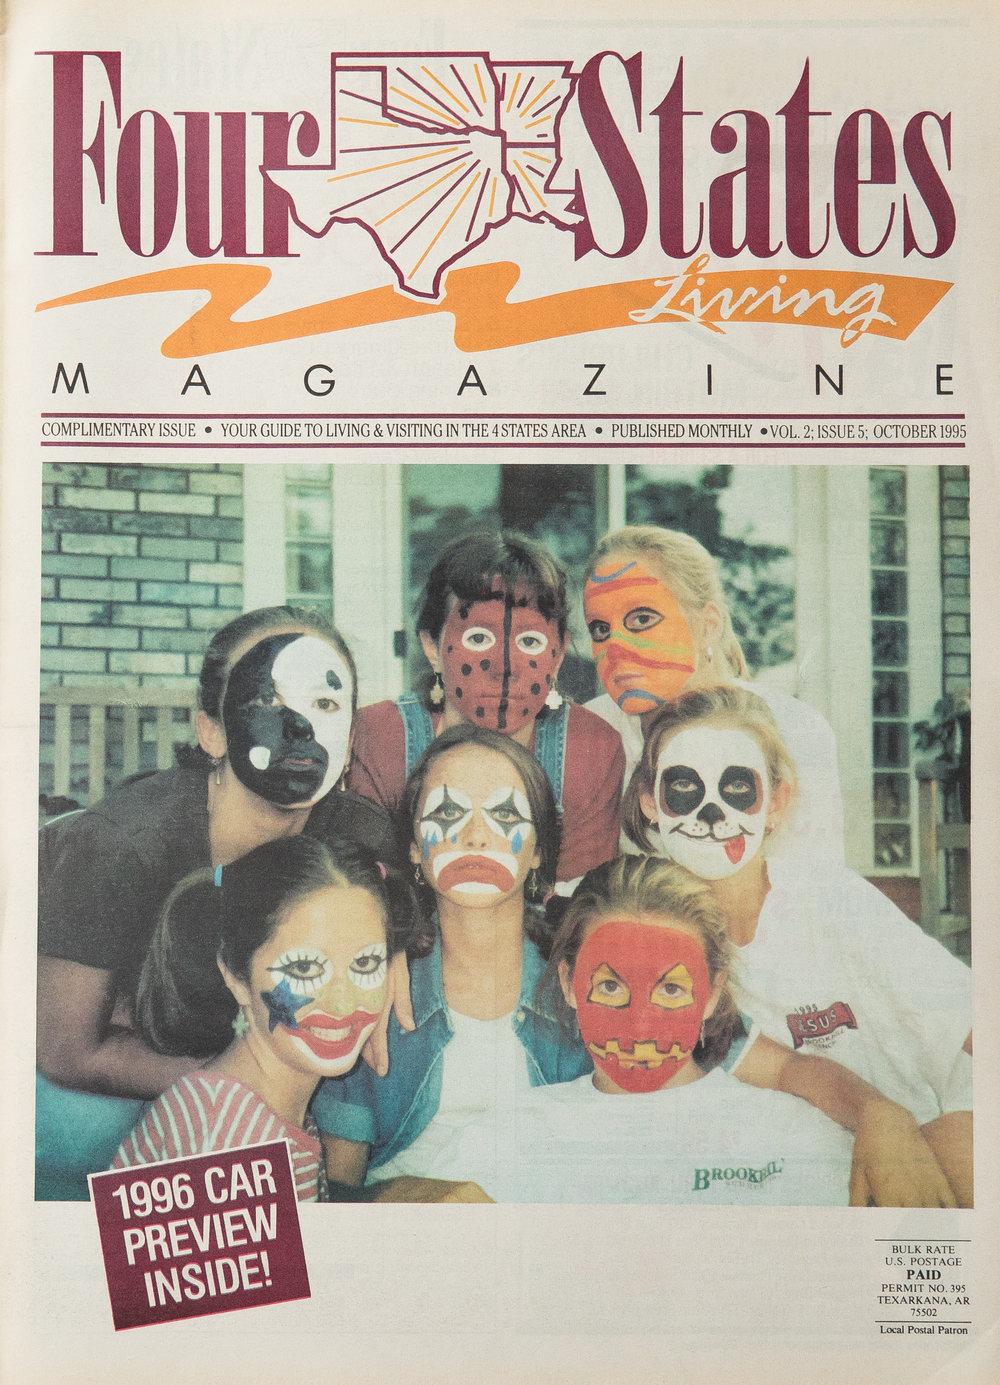 October 1995